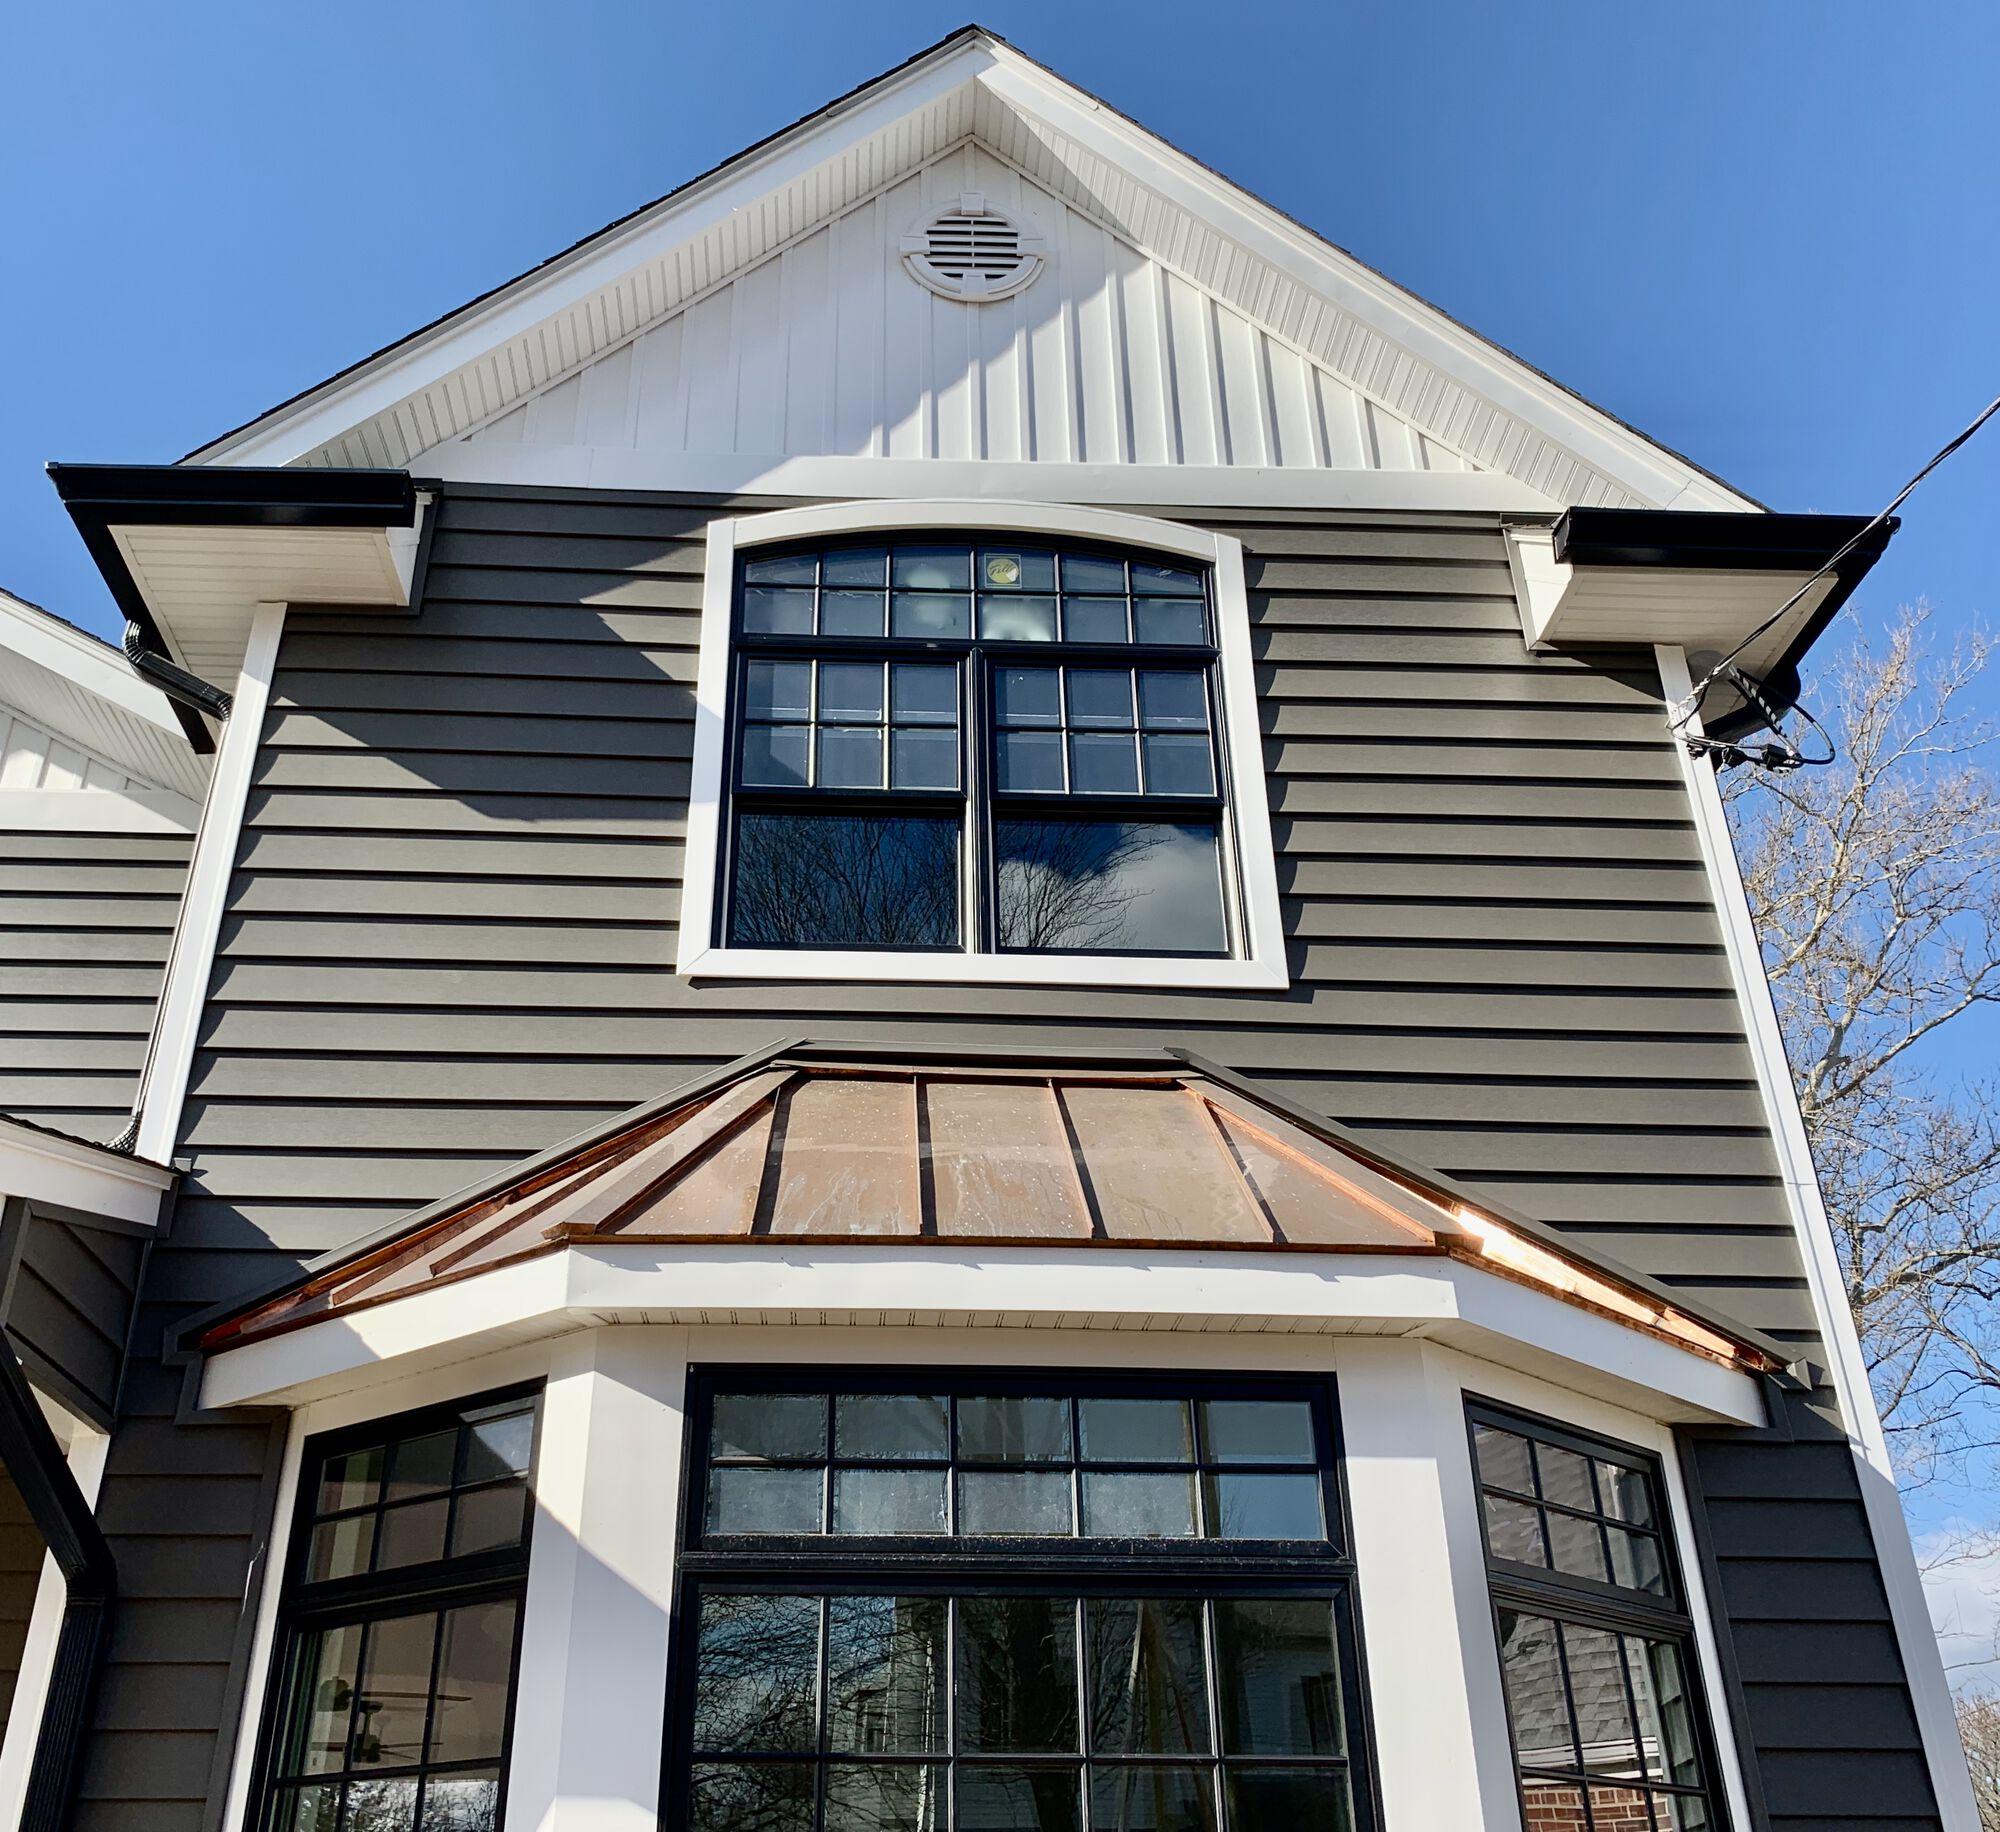 Pella Windows, Copper Roofing, Alside Prodigy _ Board _ Batten Siding in New Milford, Bergen County NJ